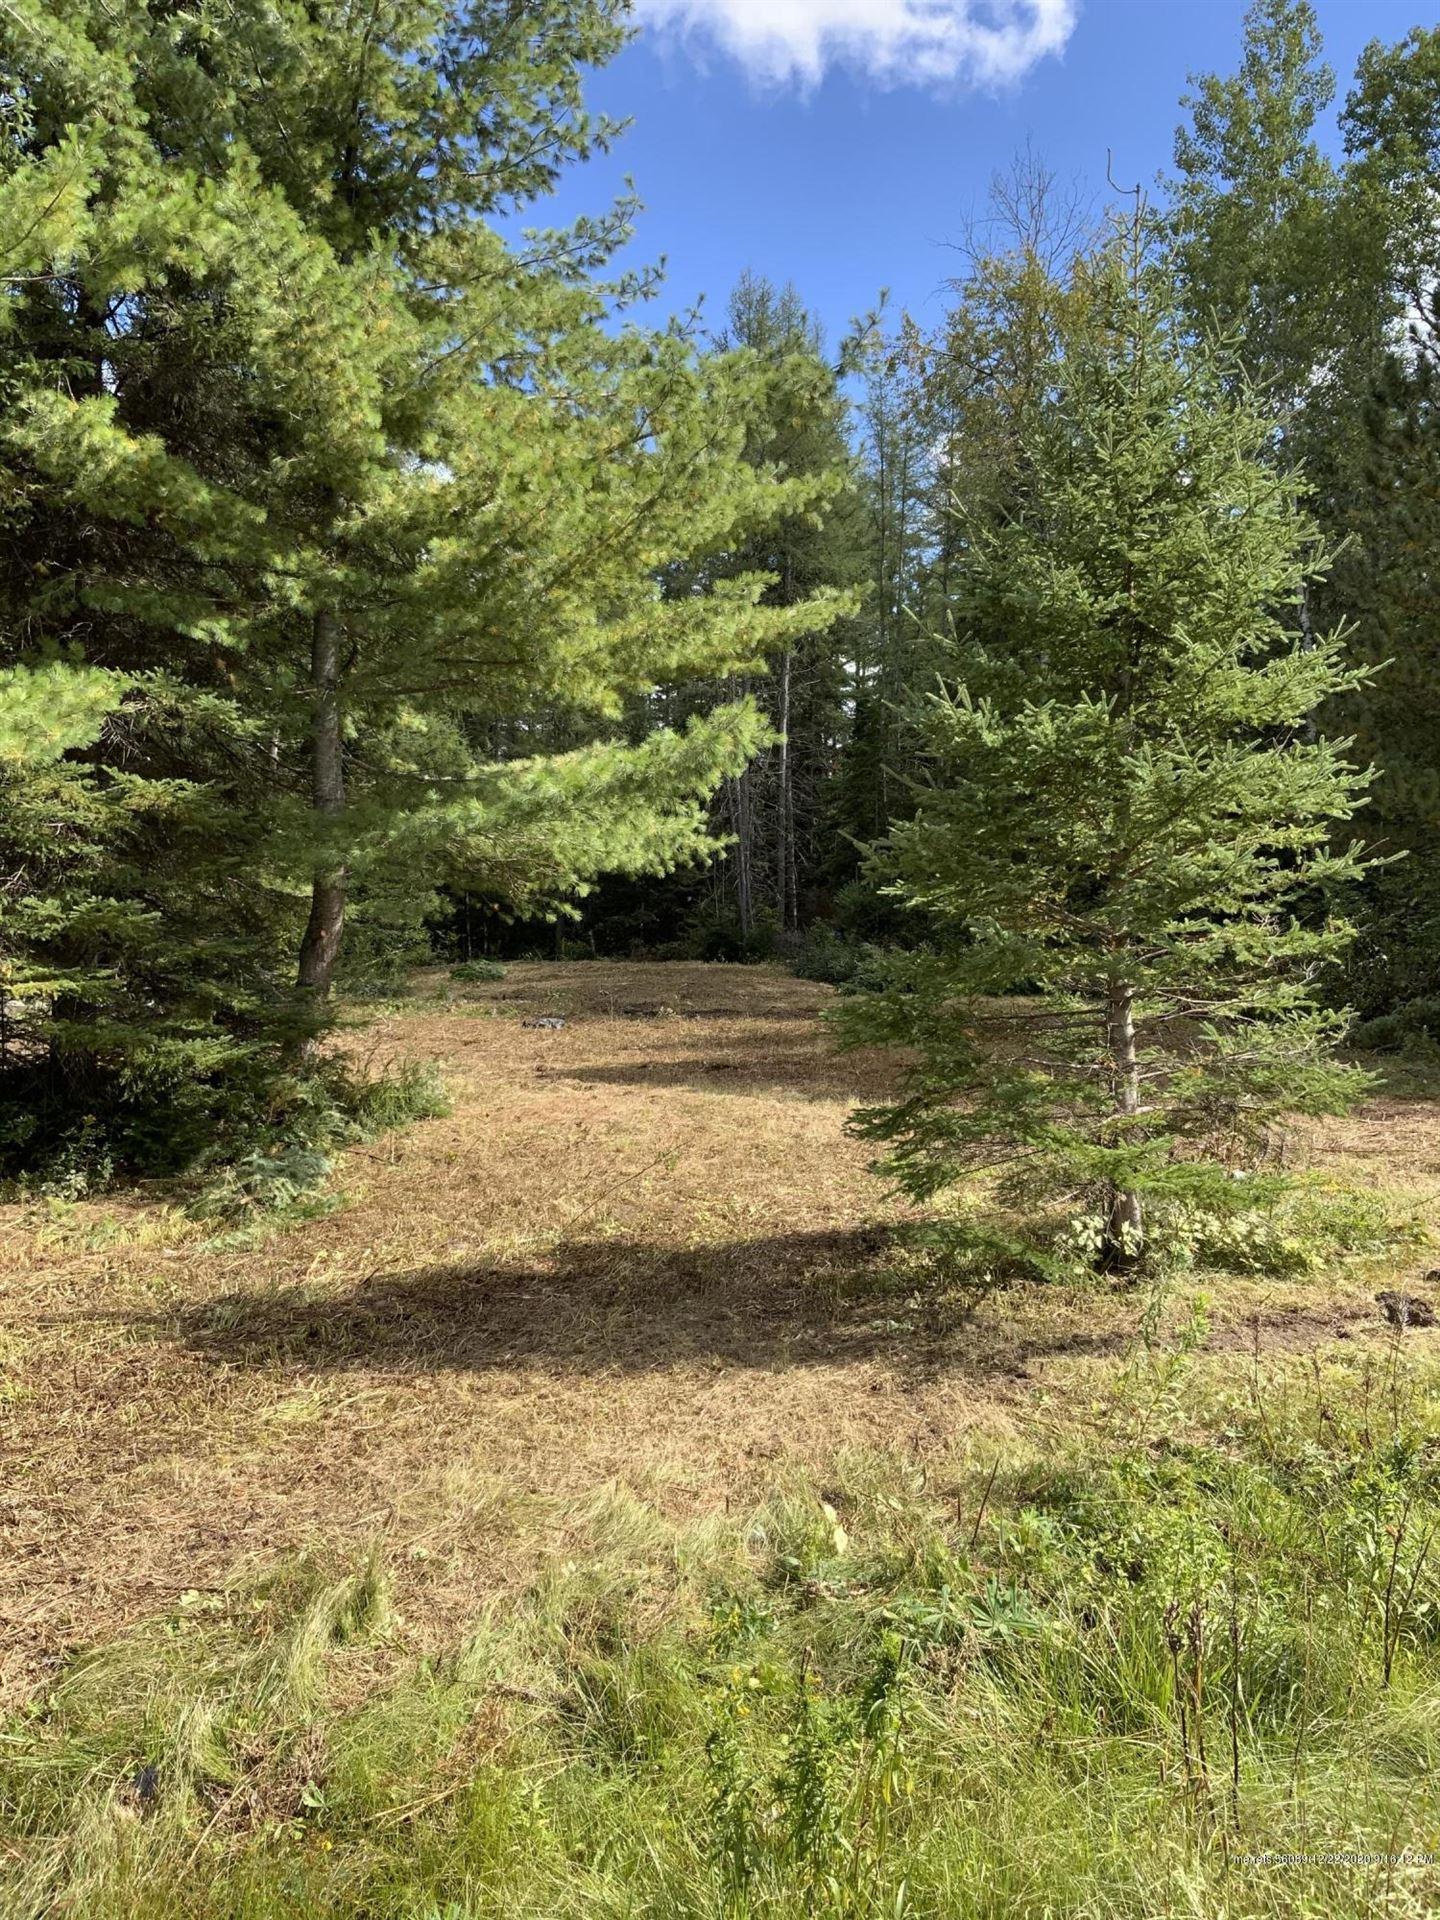 Photo of 839 New Sweden Road, New Sweden, ME 04762 (MLS # 1472883)